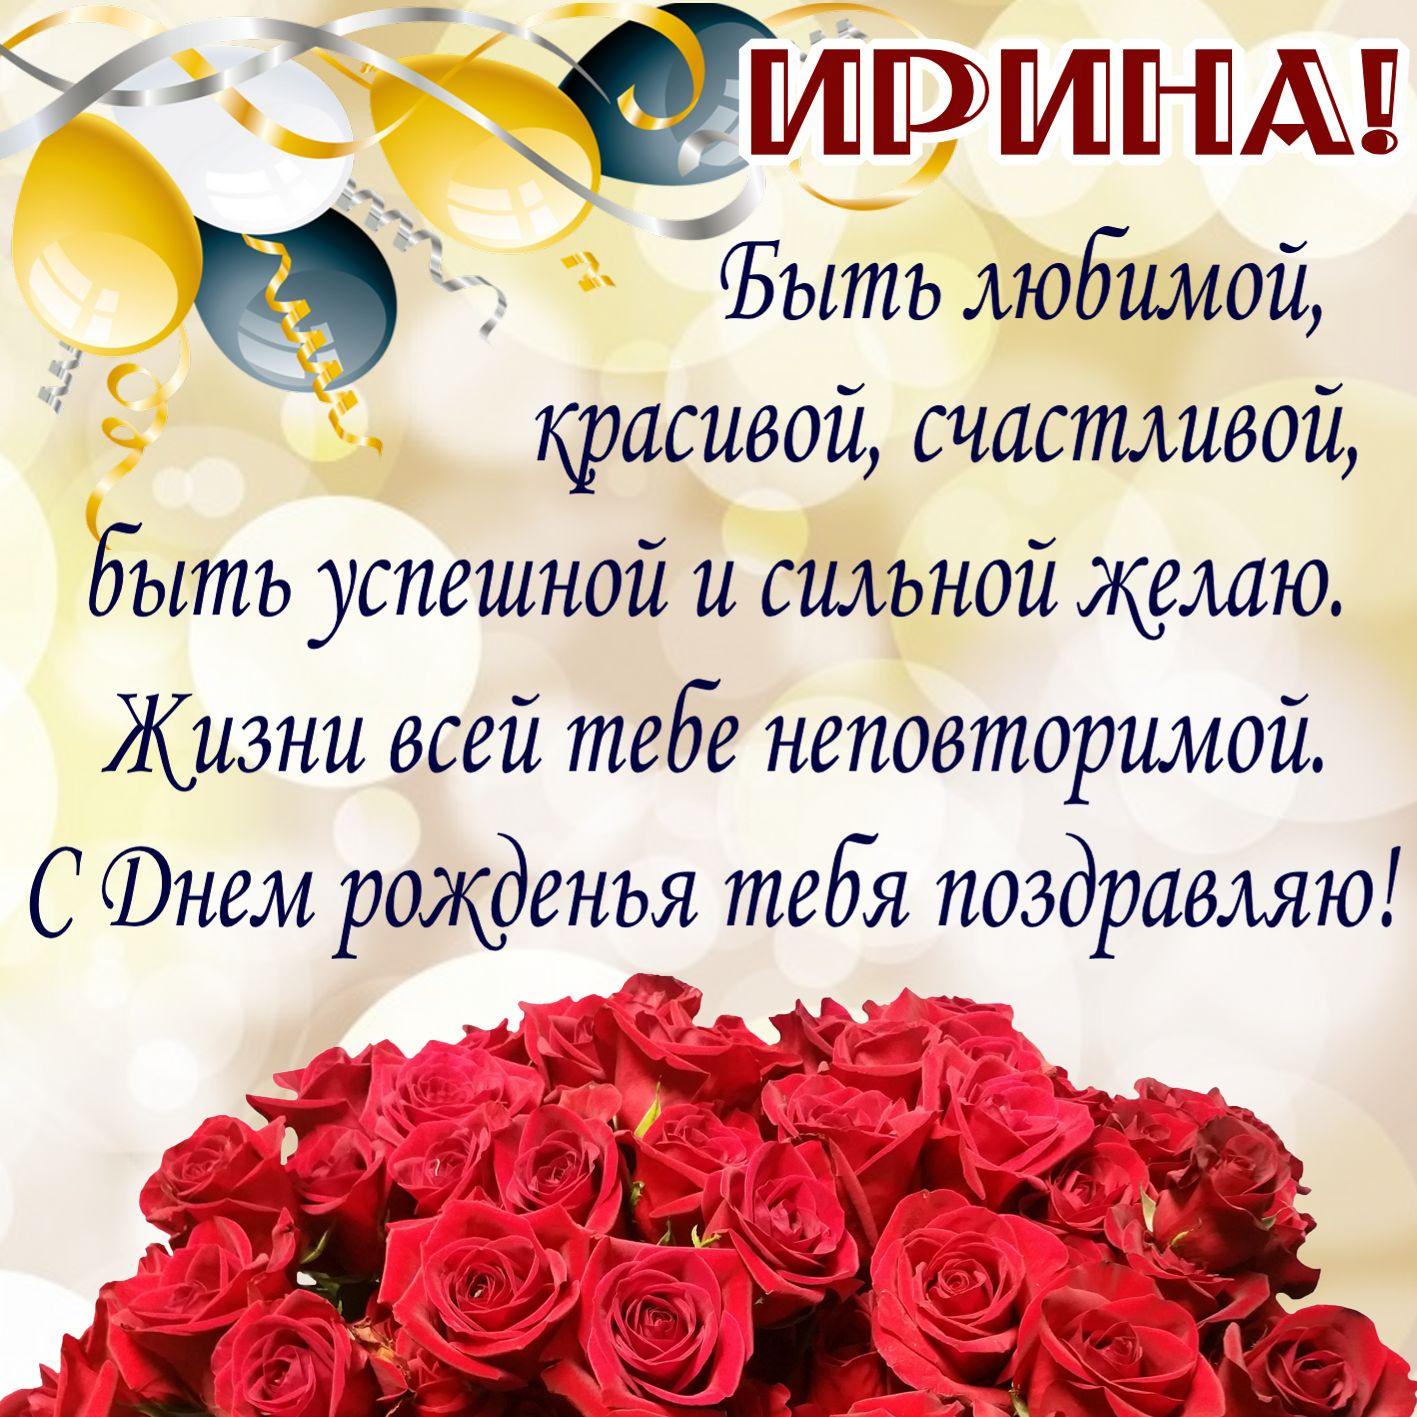 Открытка для Ирины с пожеланием и розами